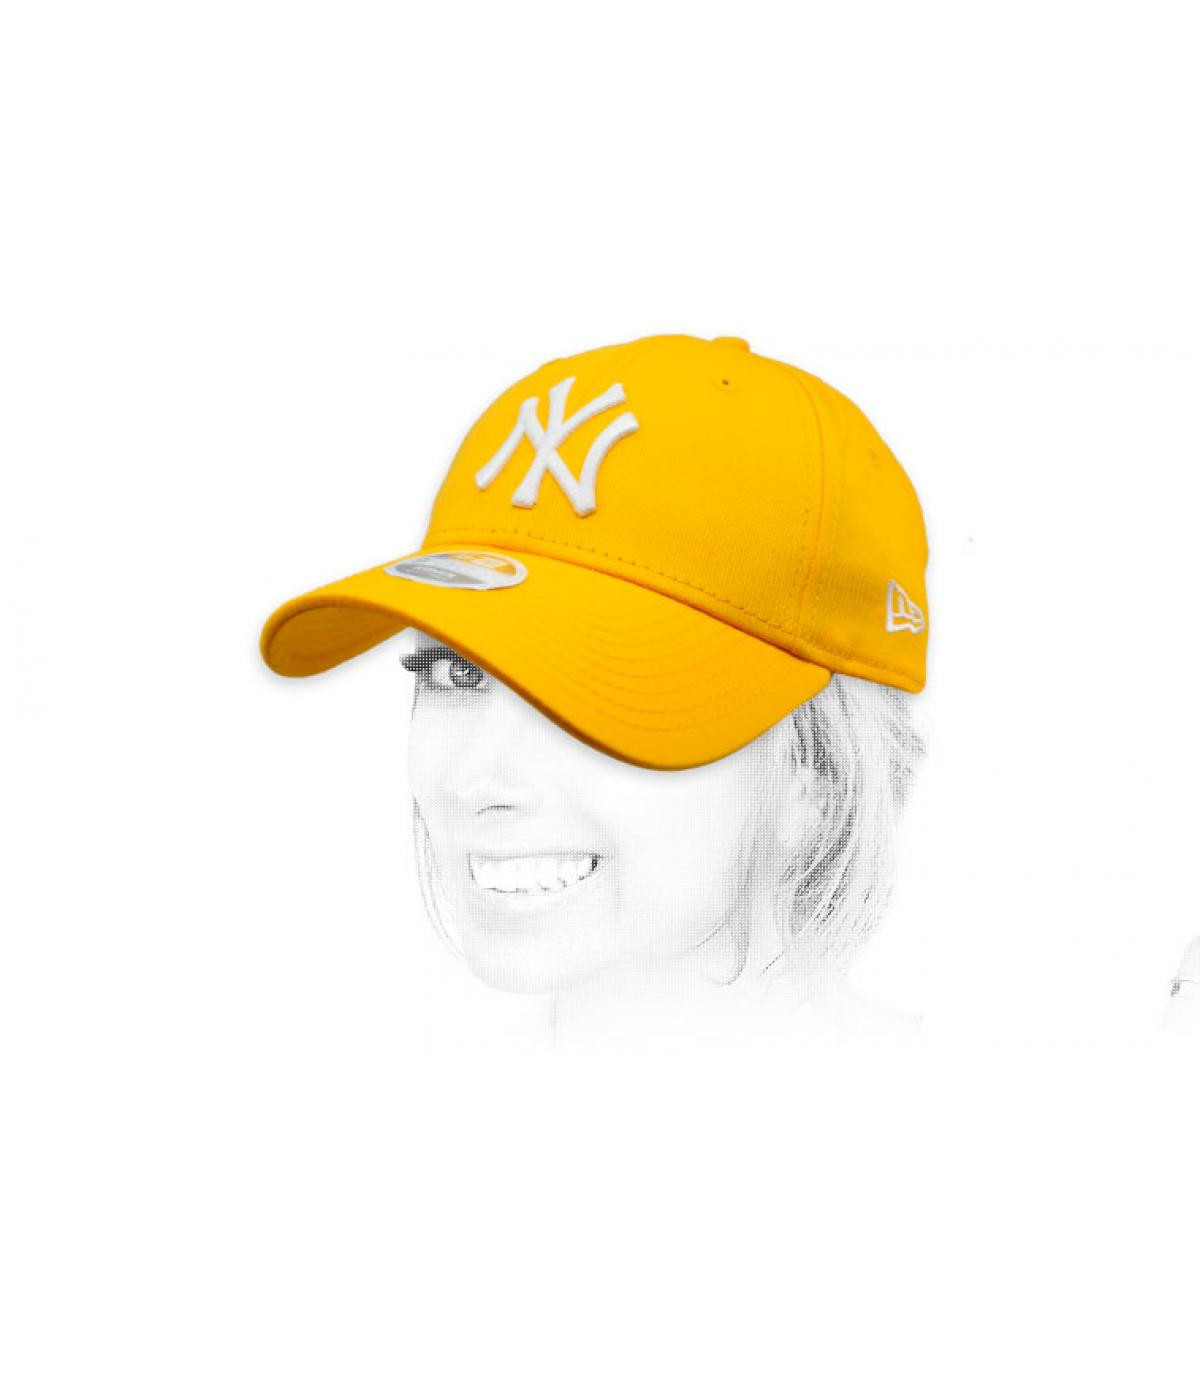 NY gele vrouw cap